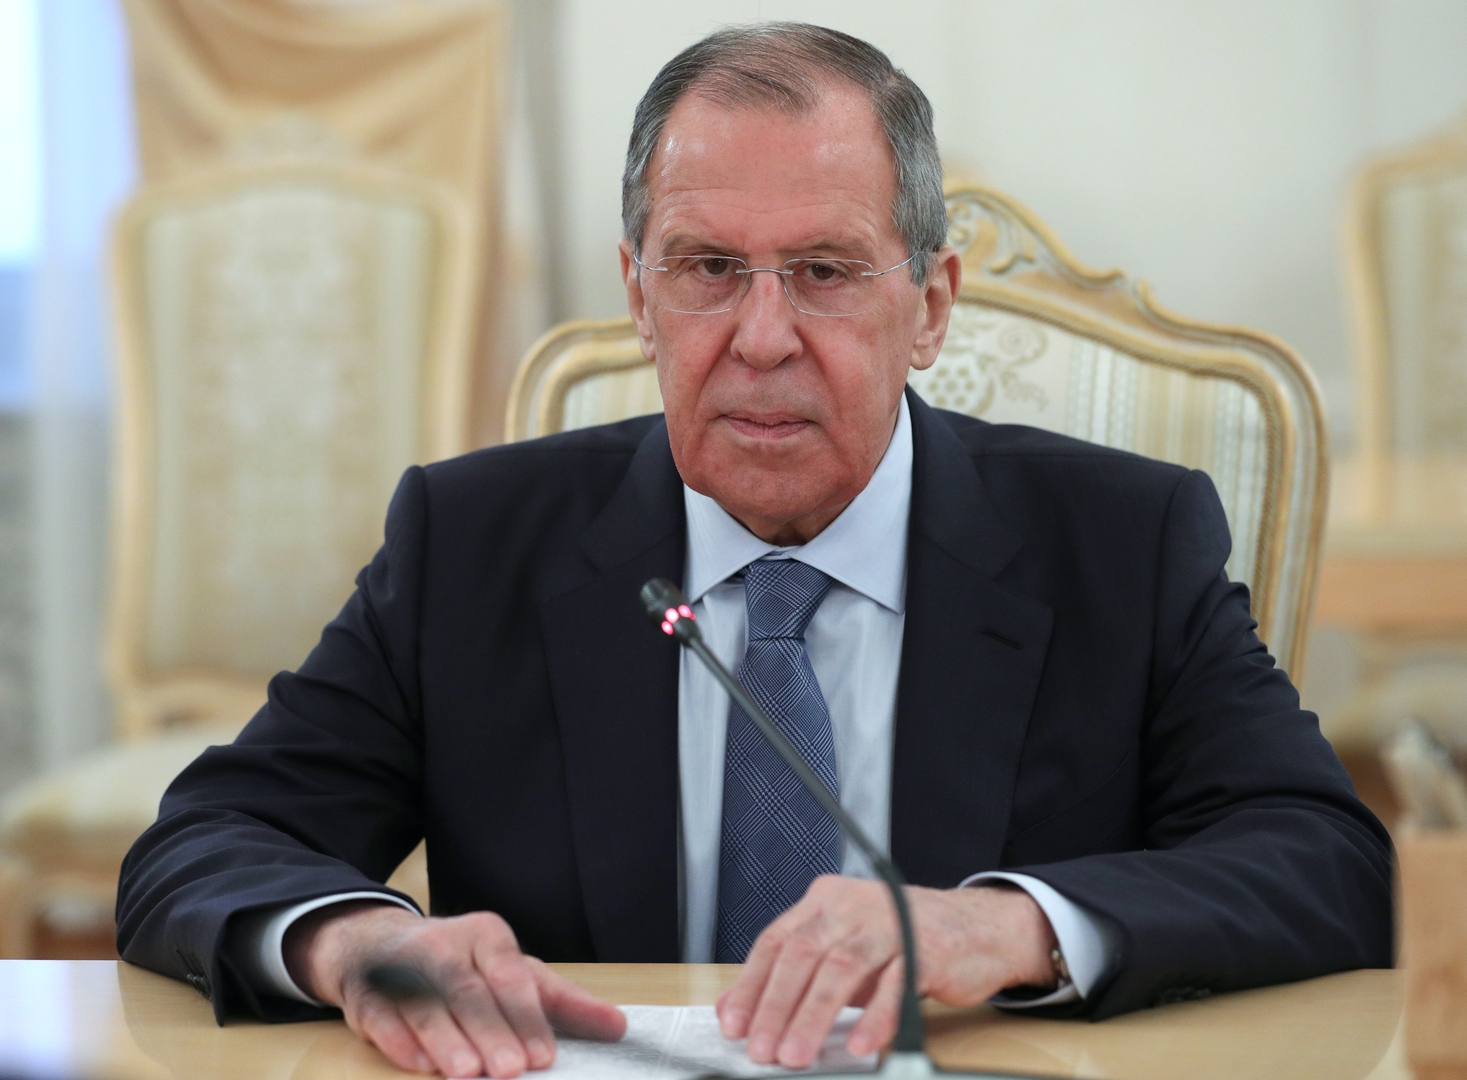 لافروف يدعو الاتحاد الأوروبي للضغط على أوكرانيا لتنفذ اتفاقات مينسك